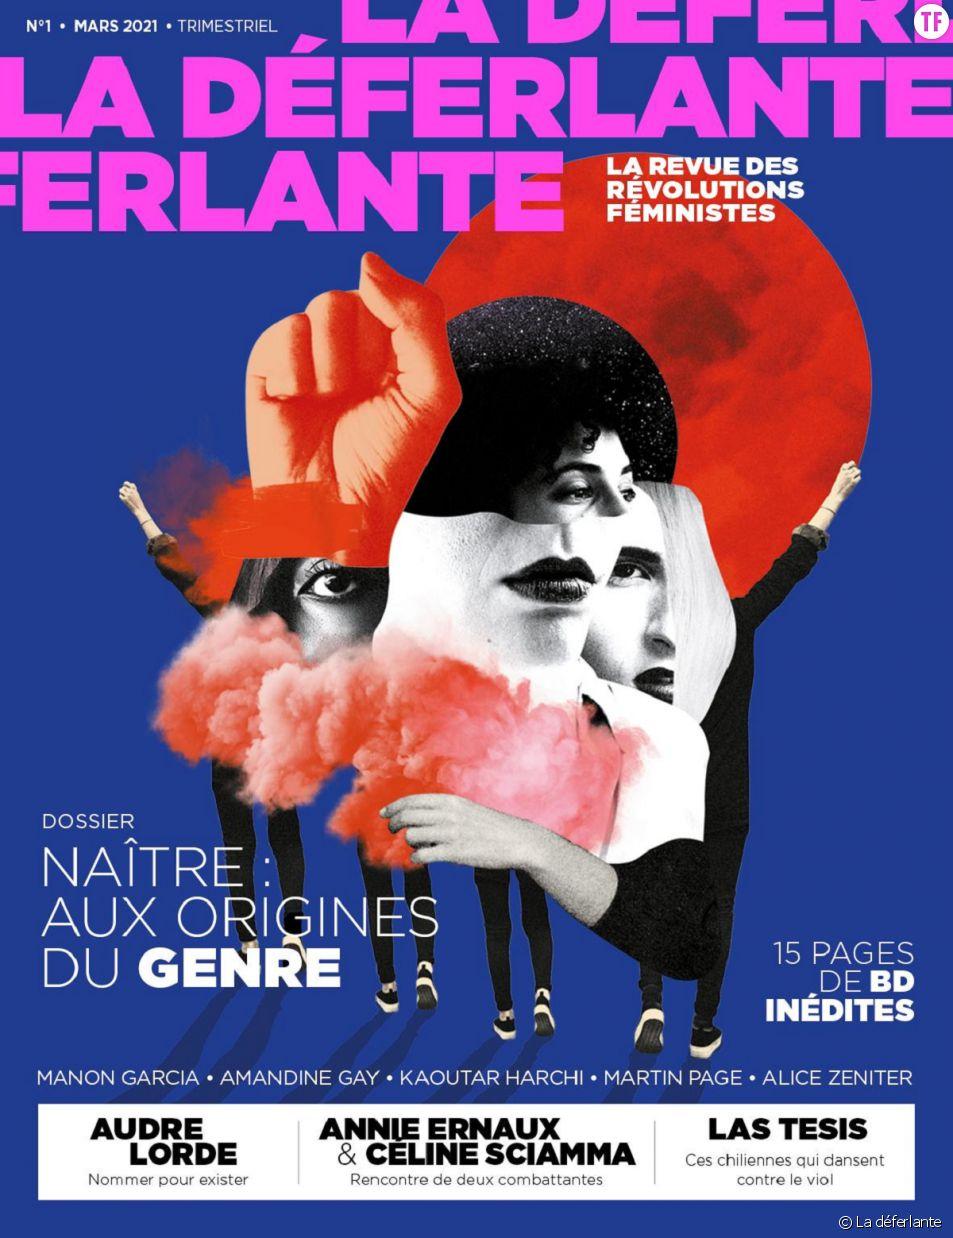 La Déferlante, la nouvelle revue trimestrielle qui fait résonner les luttes féministes.